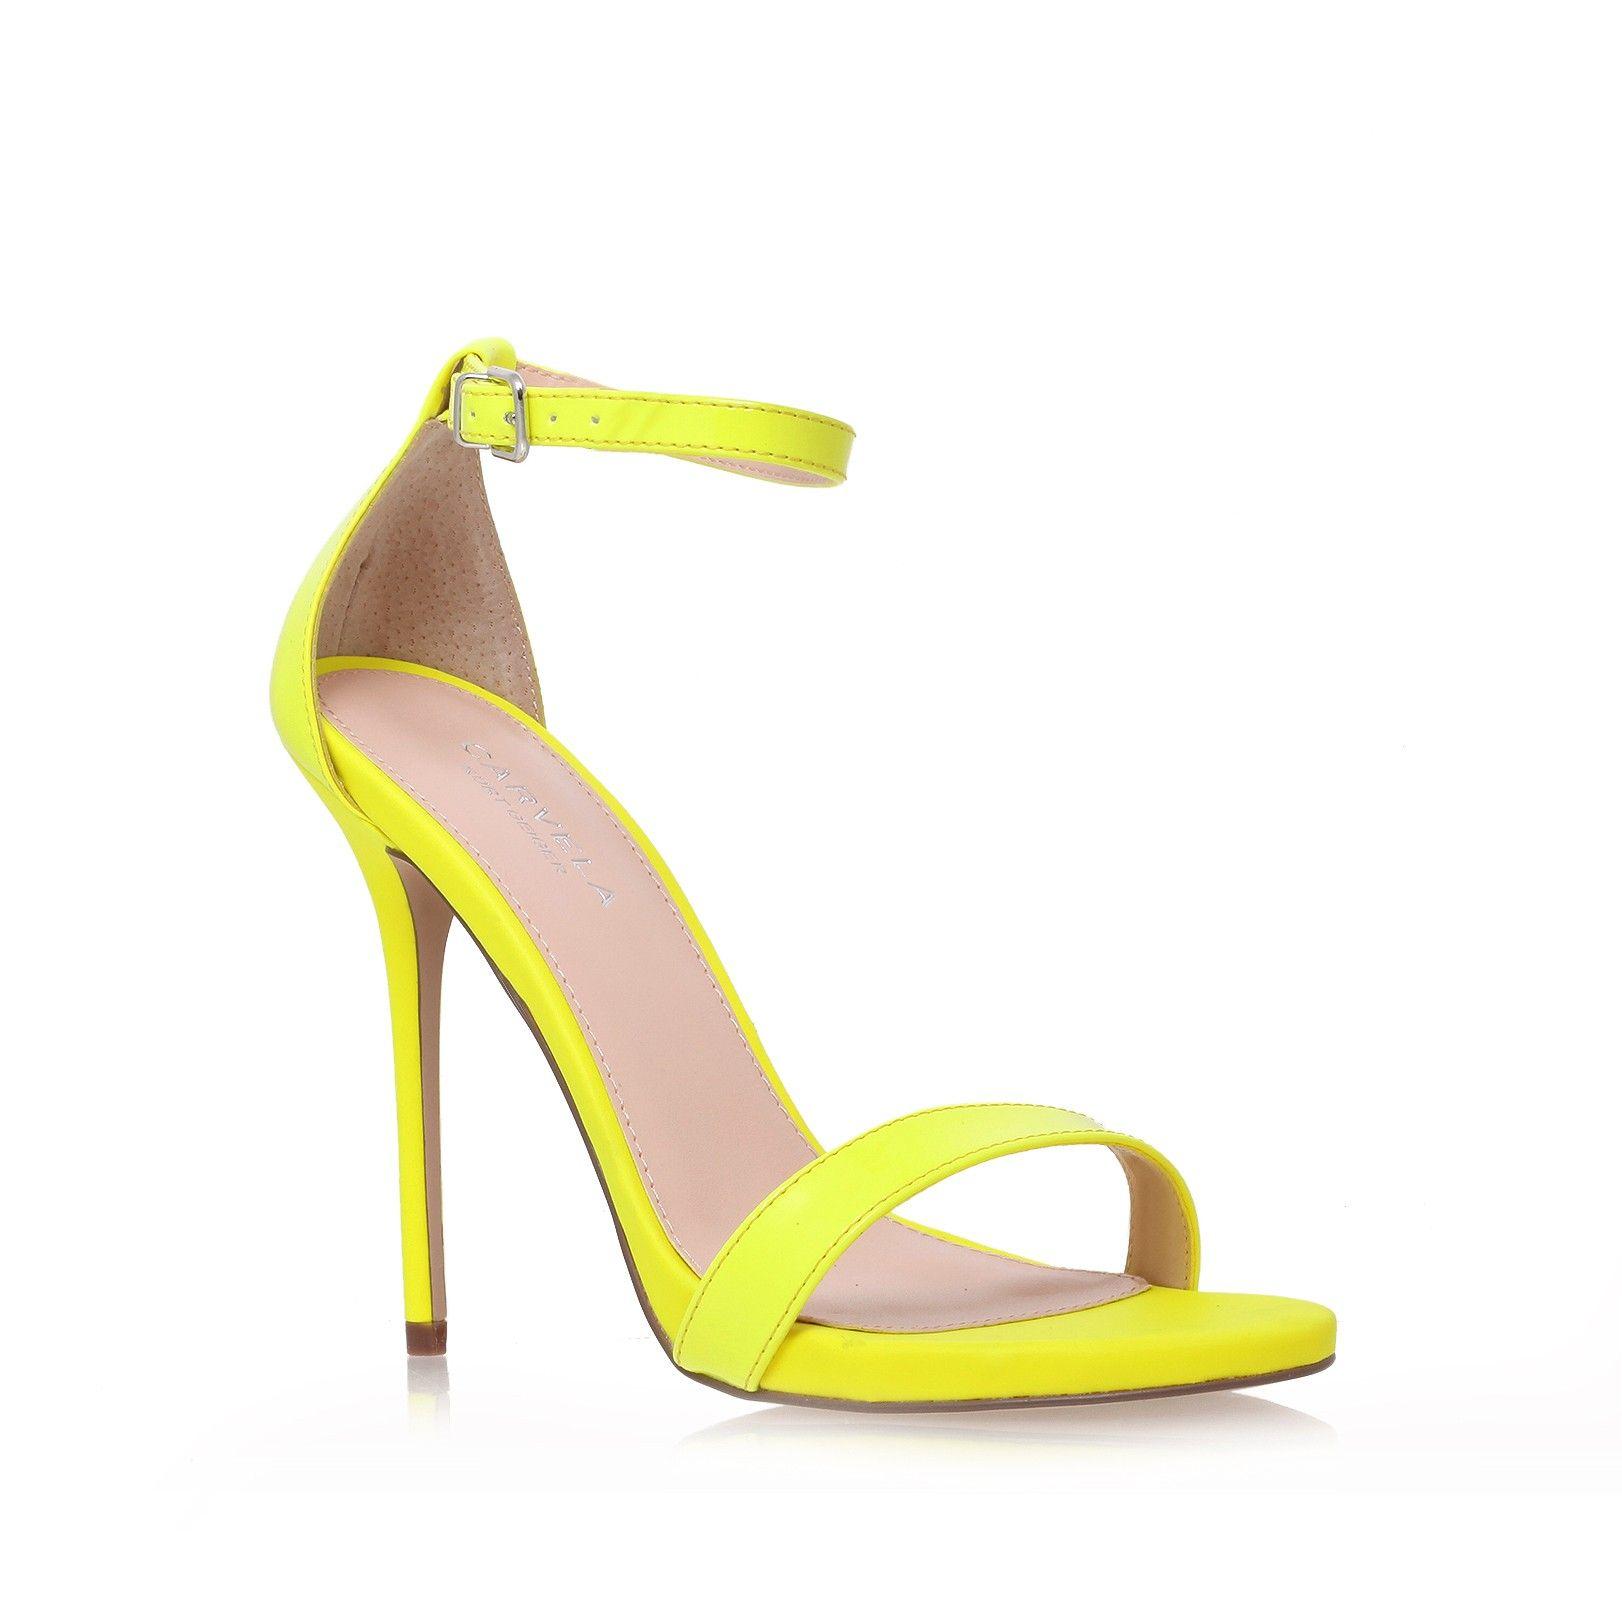 442fb513f7 glacier, yellow shoe by carvela kurt geiger - women shoes | Shoe ...